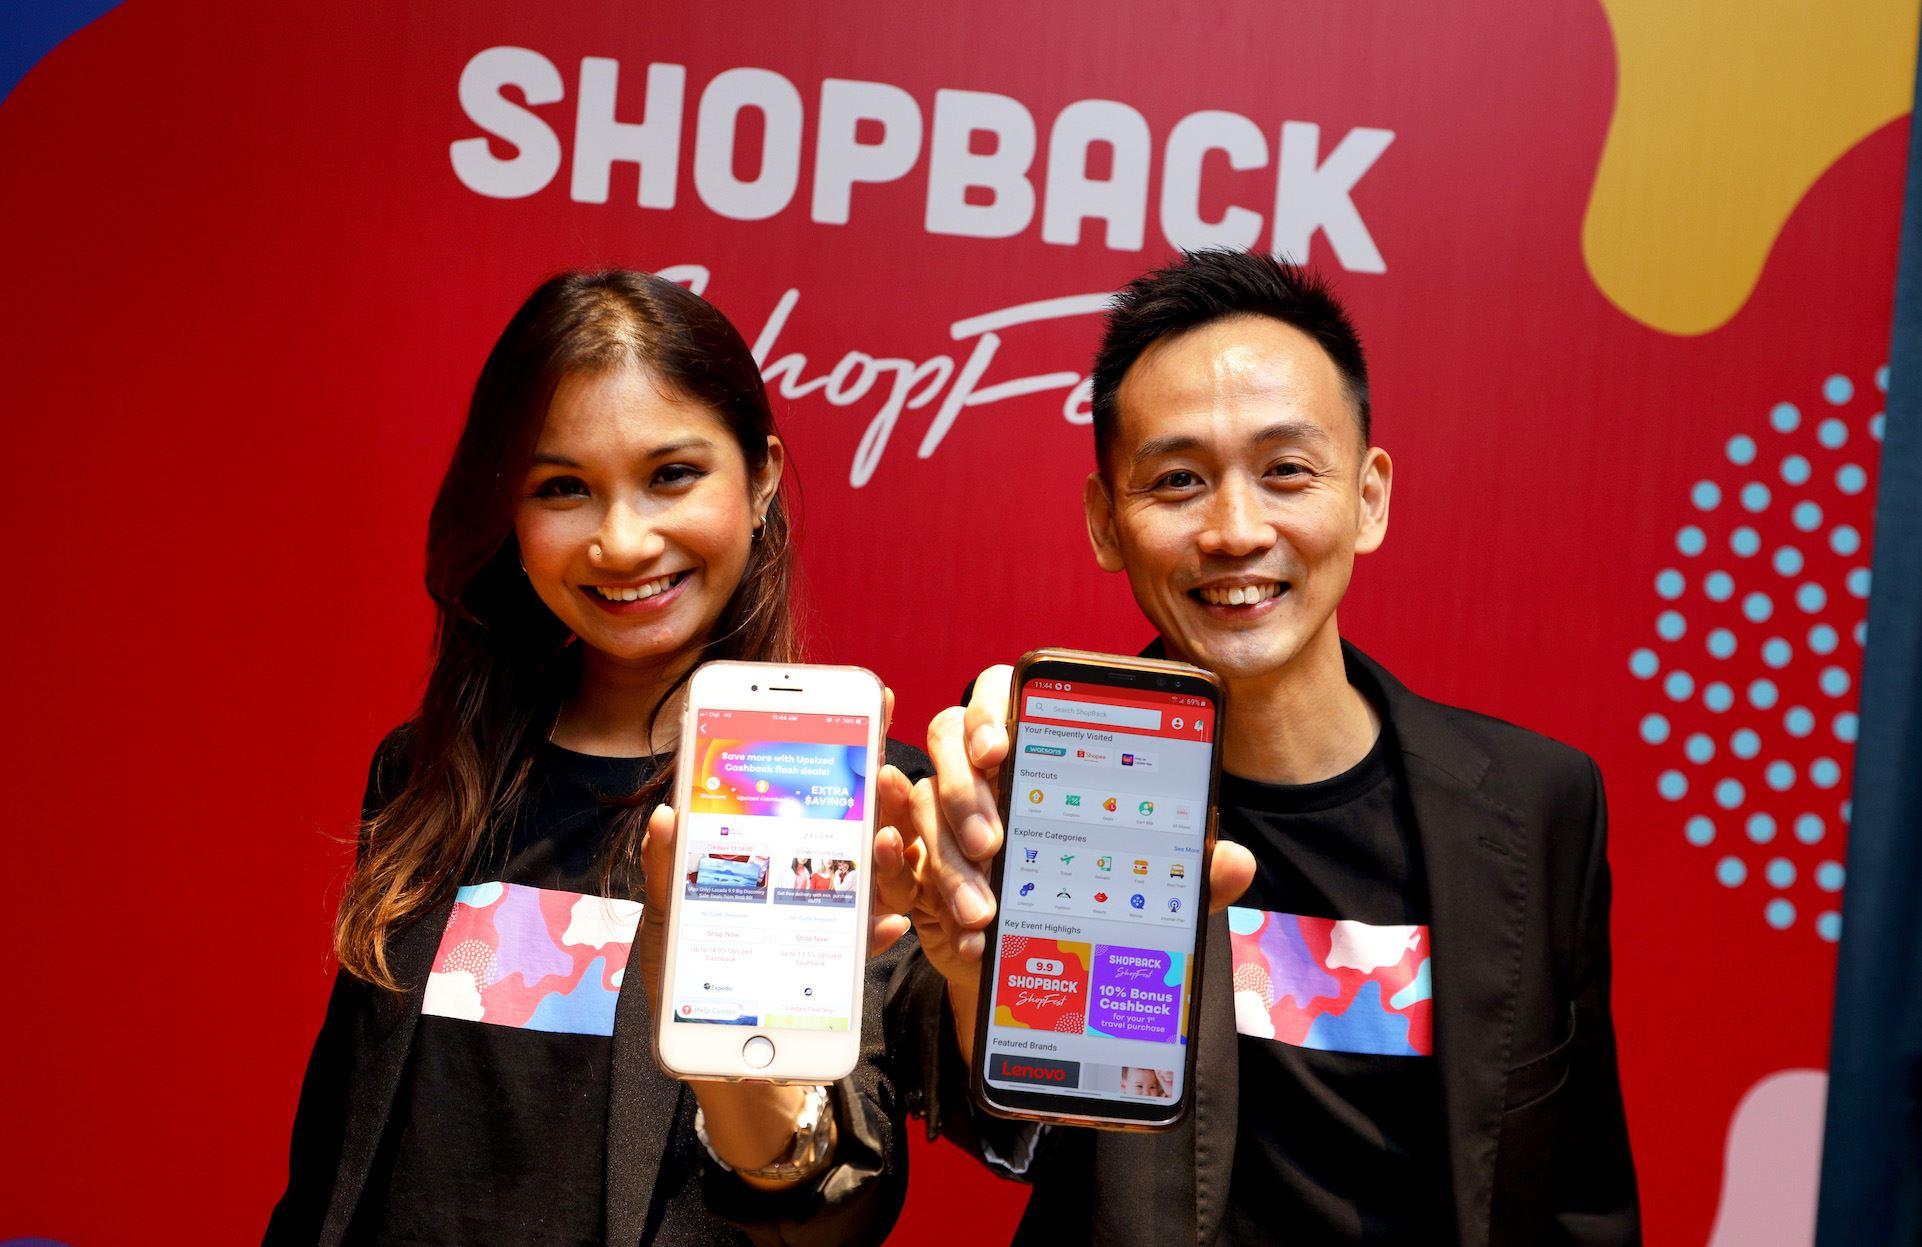 shopback lancar shopback shopfest!